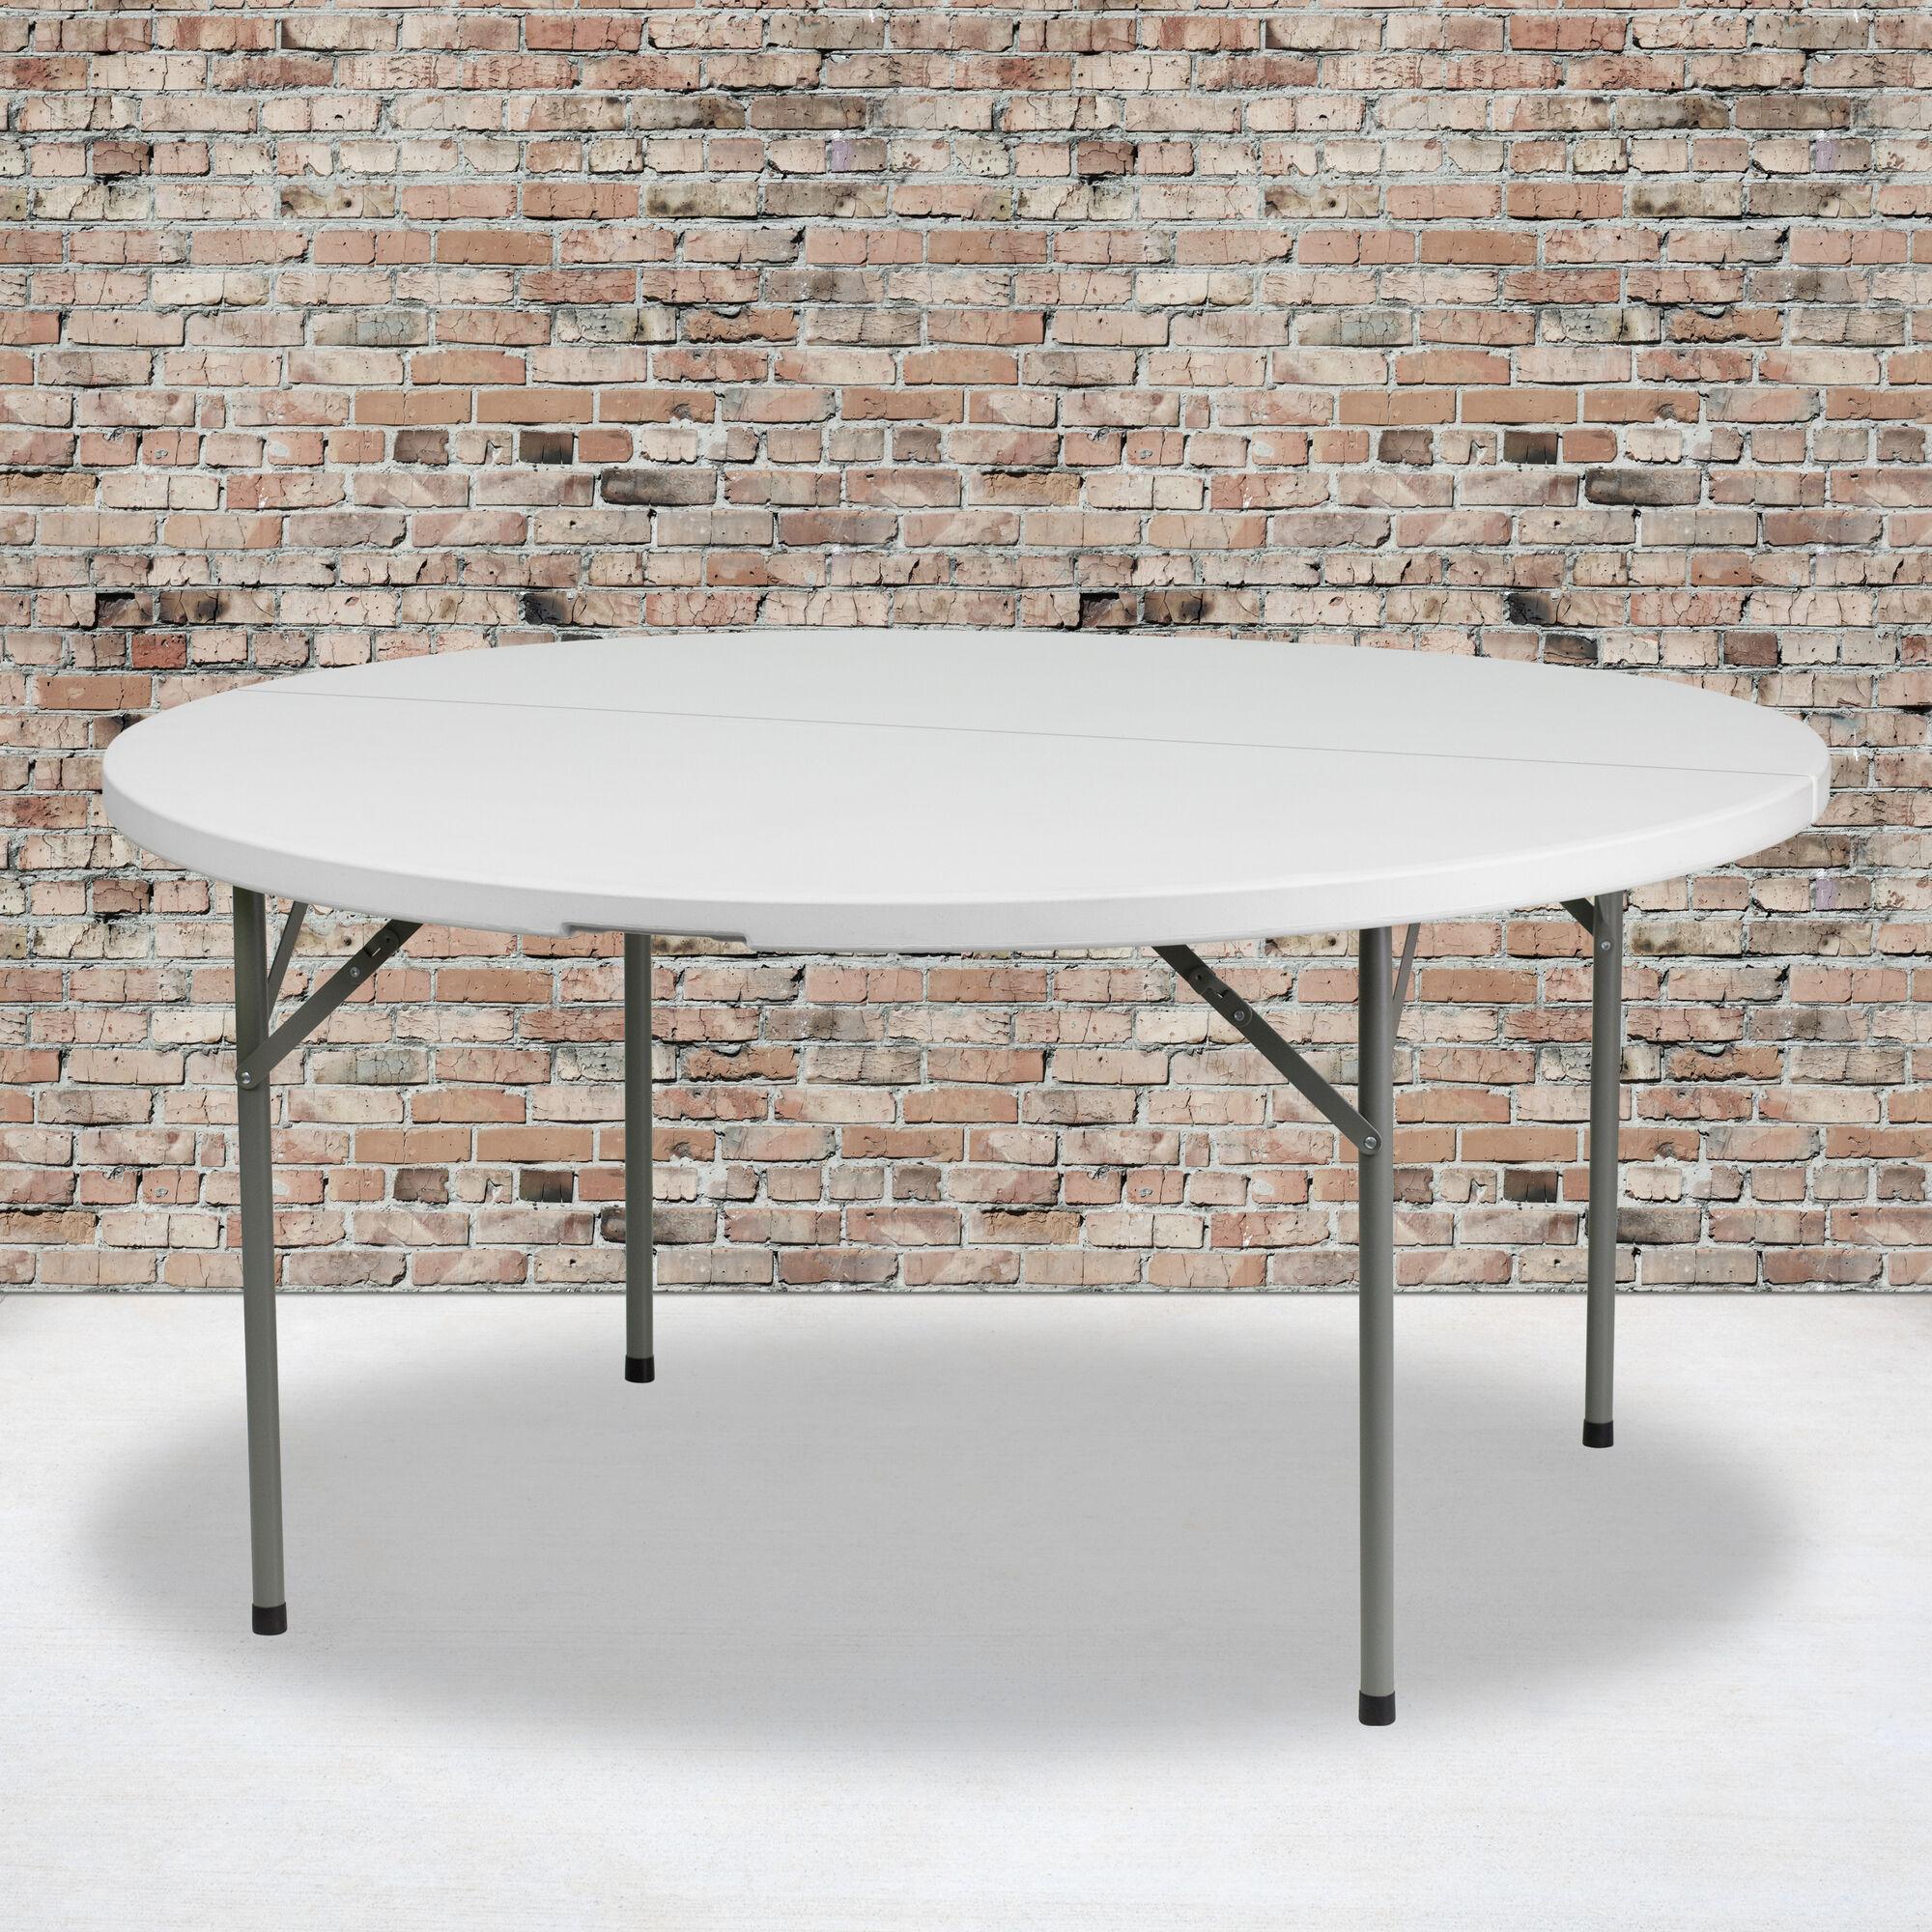 60rd White Plastic Fold Table Dad Ycz 154 Gw Gg Restaurantfurniture4less Com